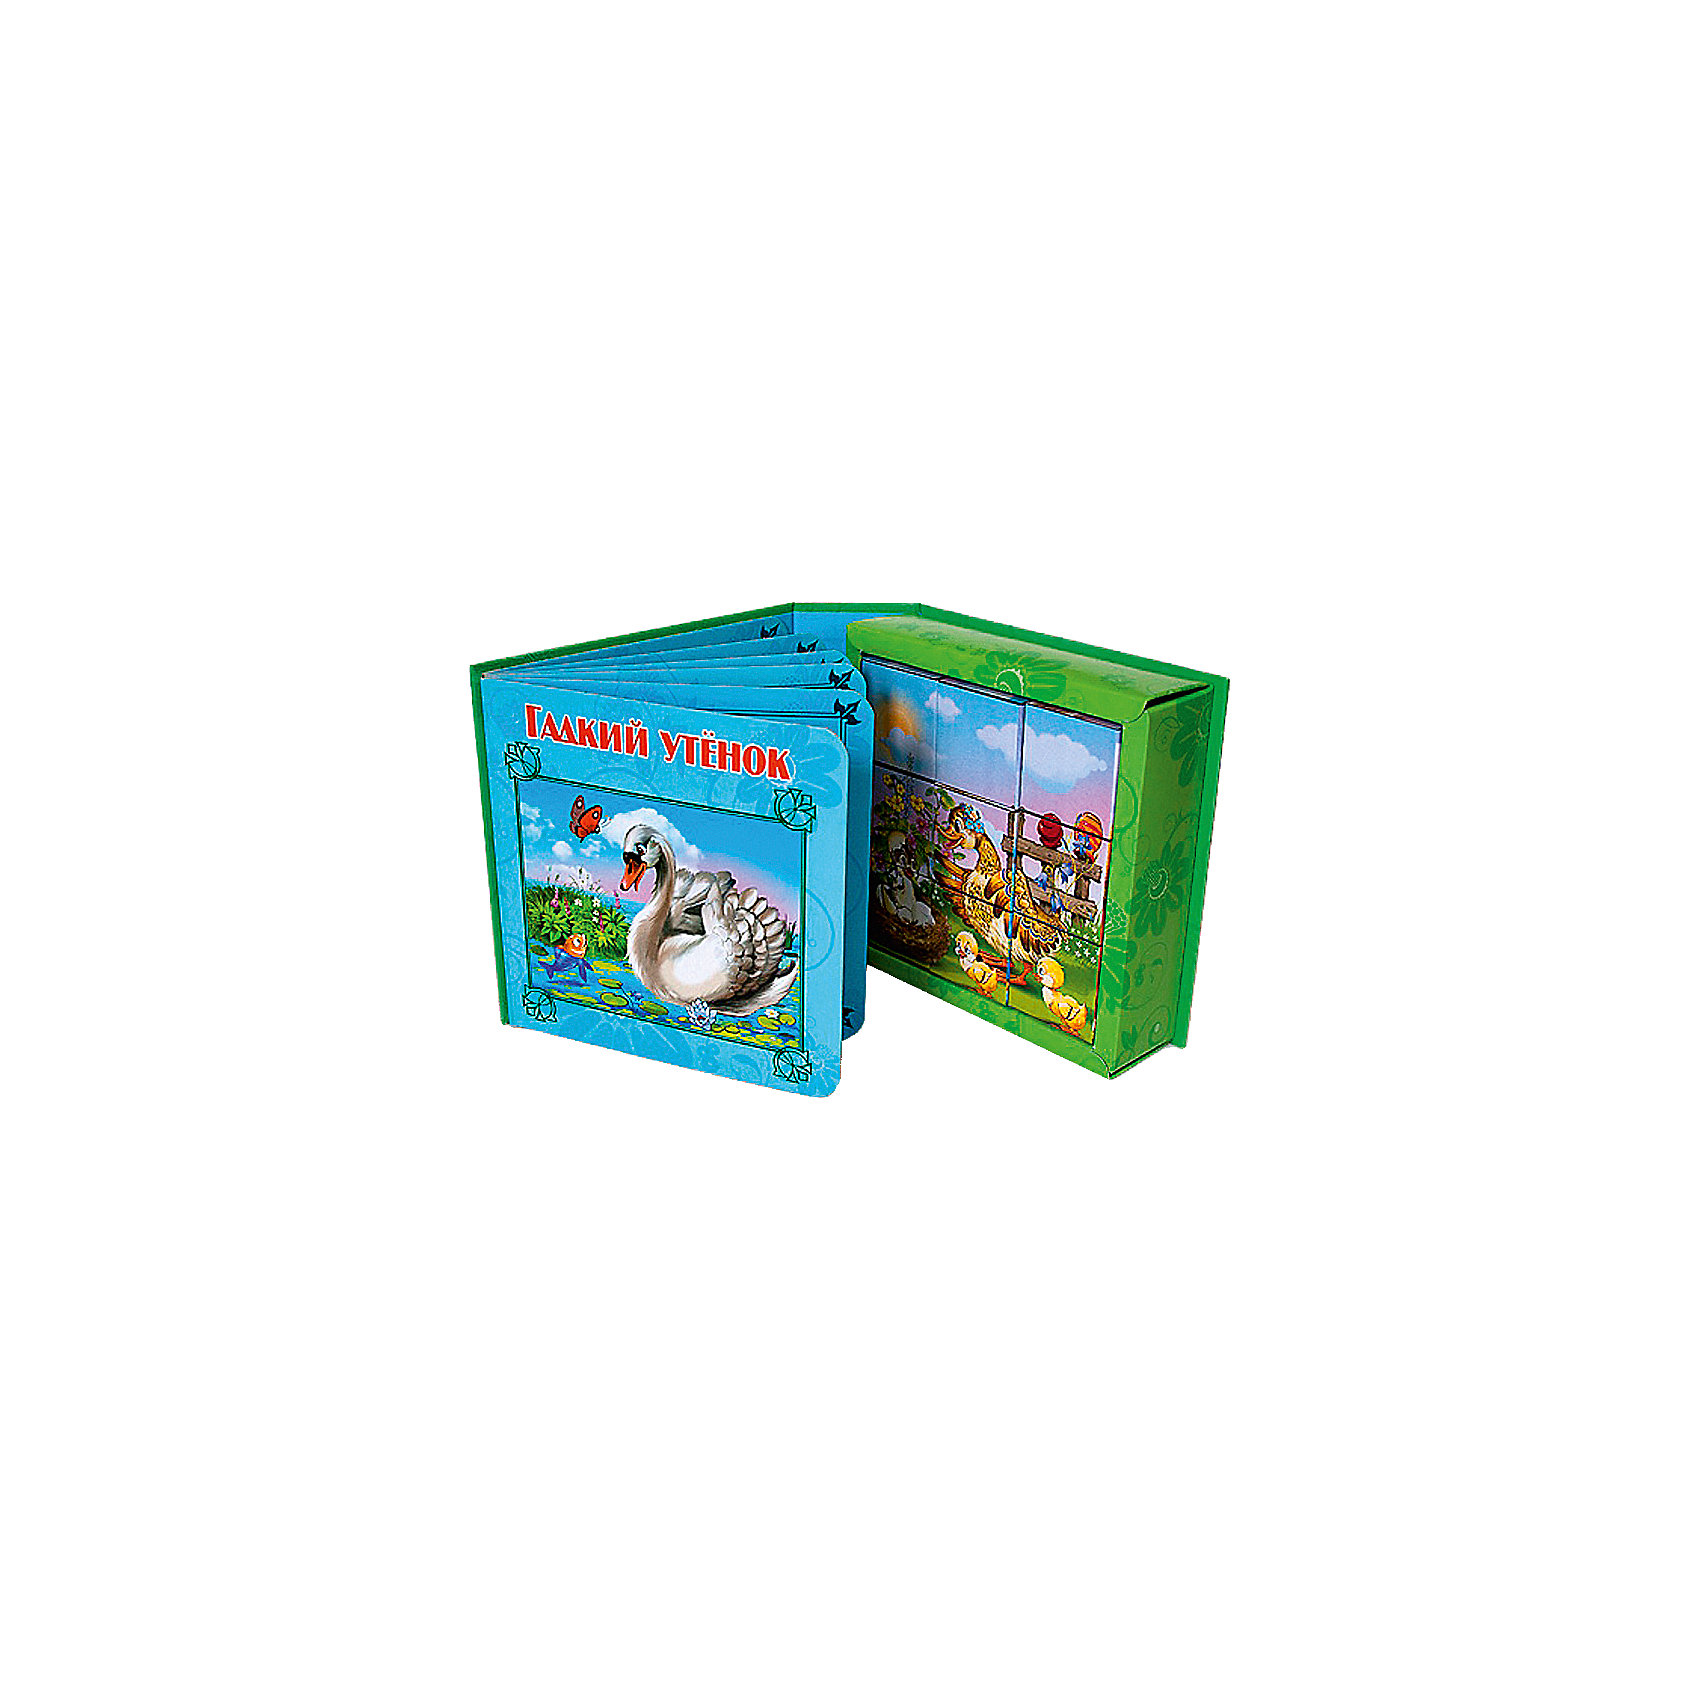 Проф-Пресс Книжка-игрушка Гадкий утёнок книжки картонки росмэн первые книжки малыша гадкий утёнок